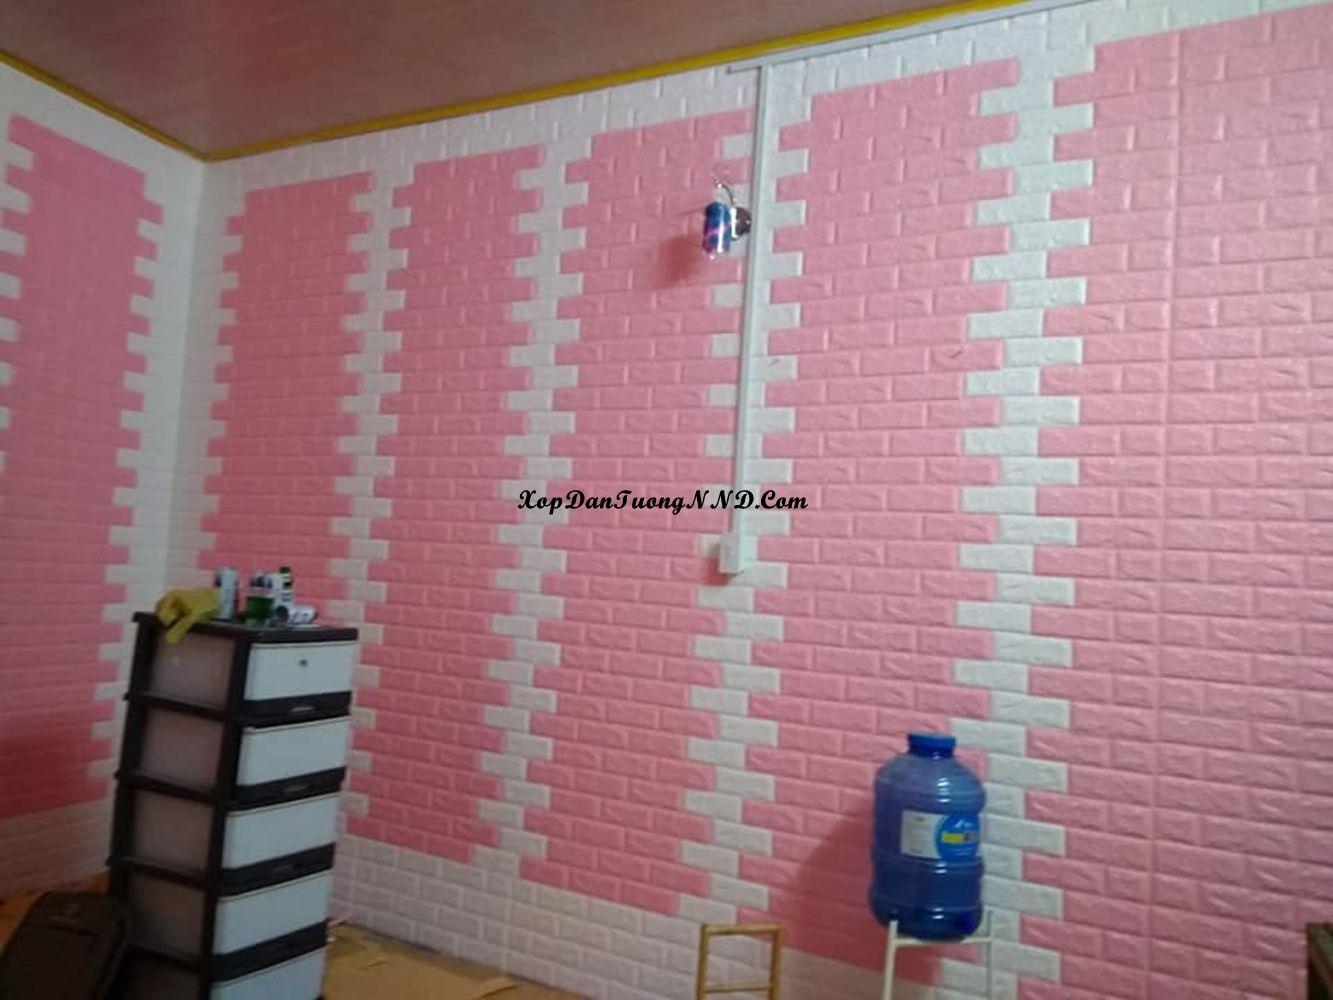 Trang Trí Phòng Ngủ Bằng Xốp Dán Tường đẹp